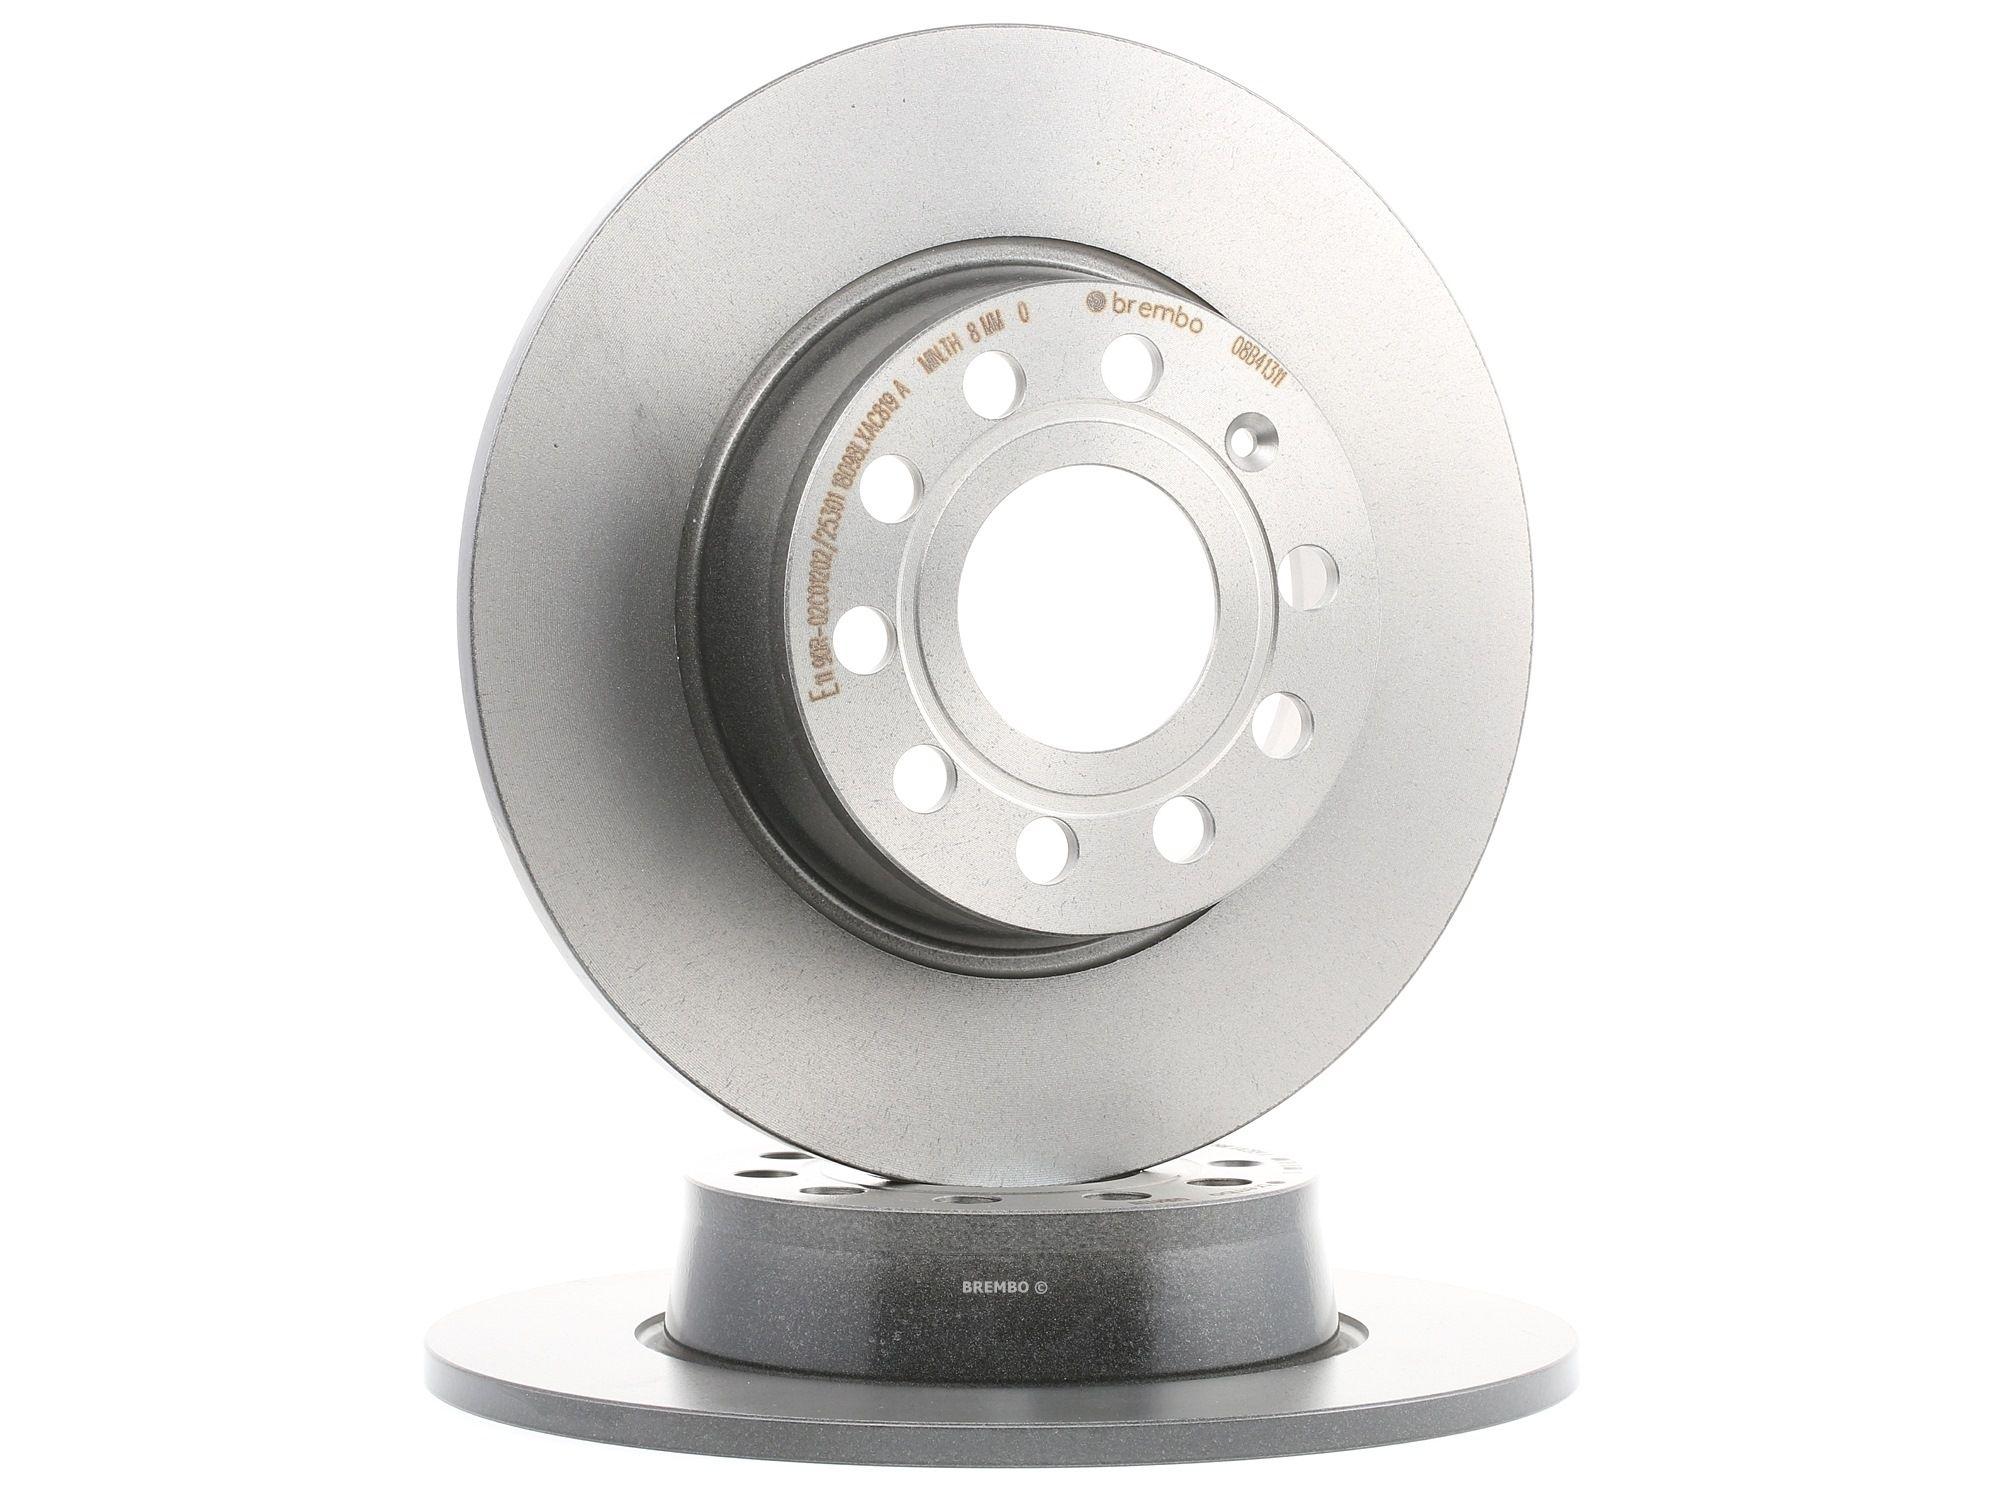 Buy original Brake disc kit BREMBO 08.B413.11